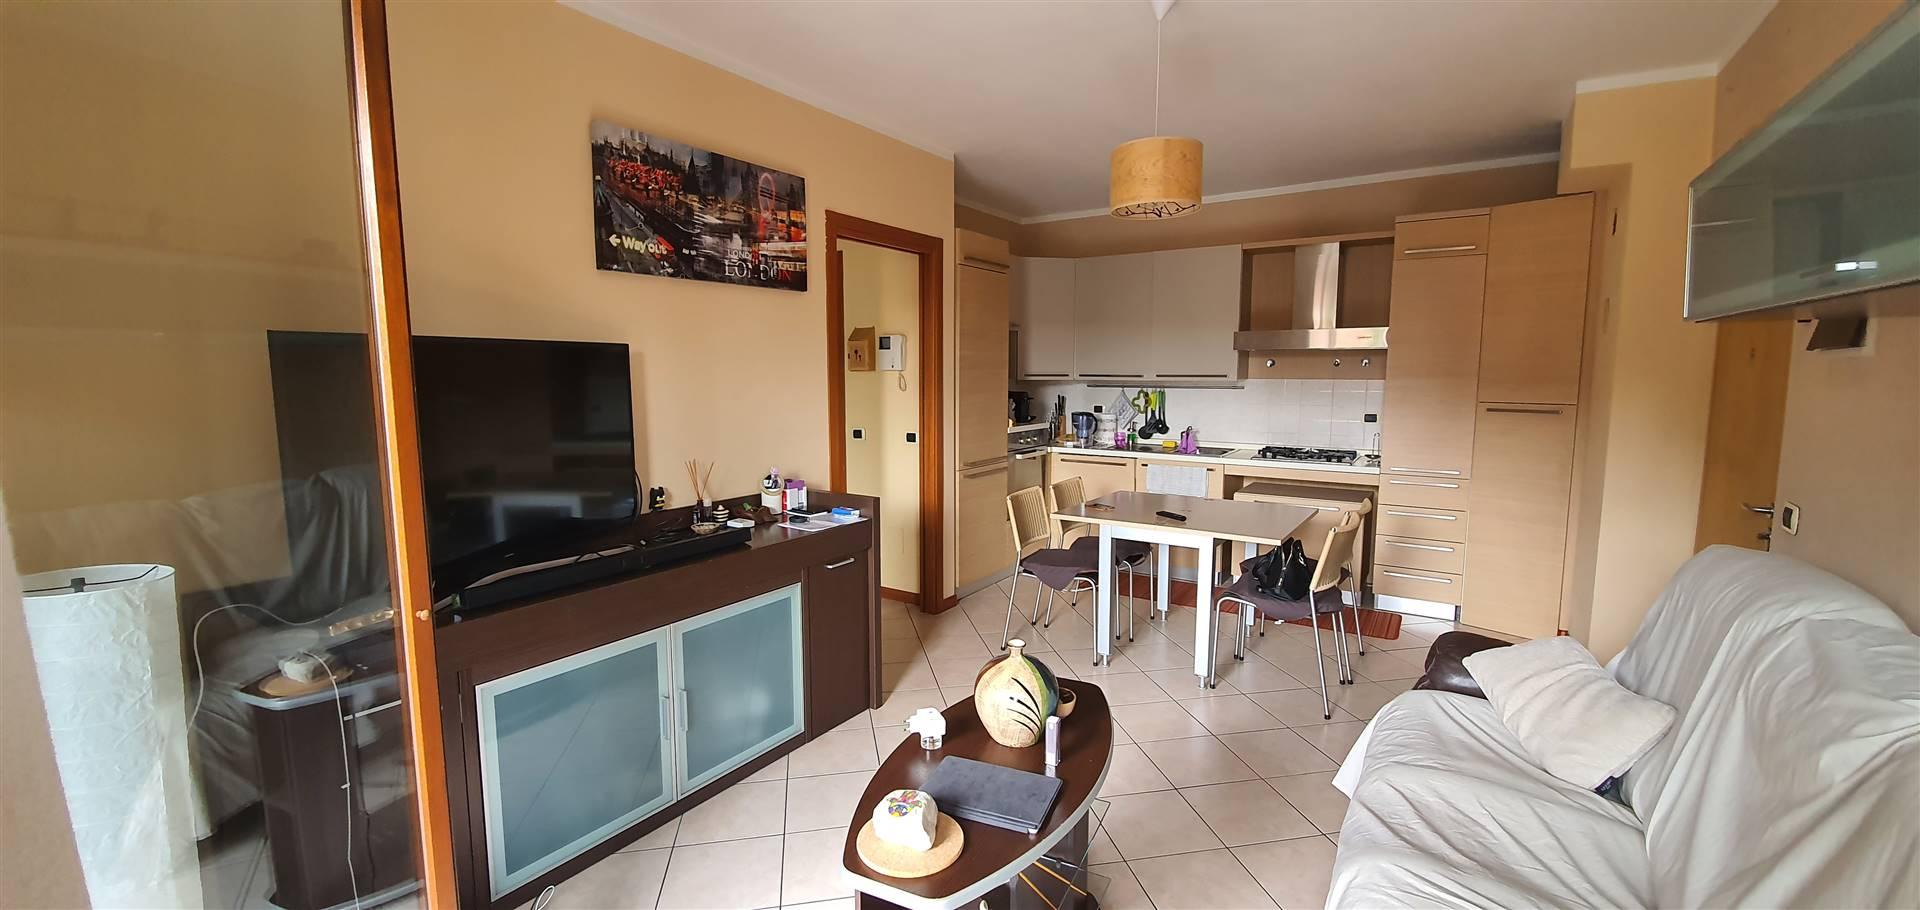 Appartamento in affitto a Senago, 3 locali, zona Località: SENAGHINO, prezzo € 750 | PortaleAgenzieImmobiliari.it